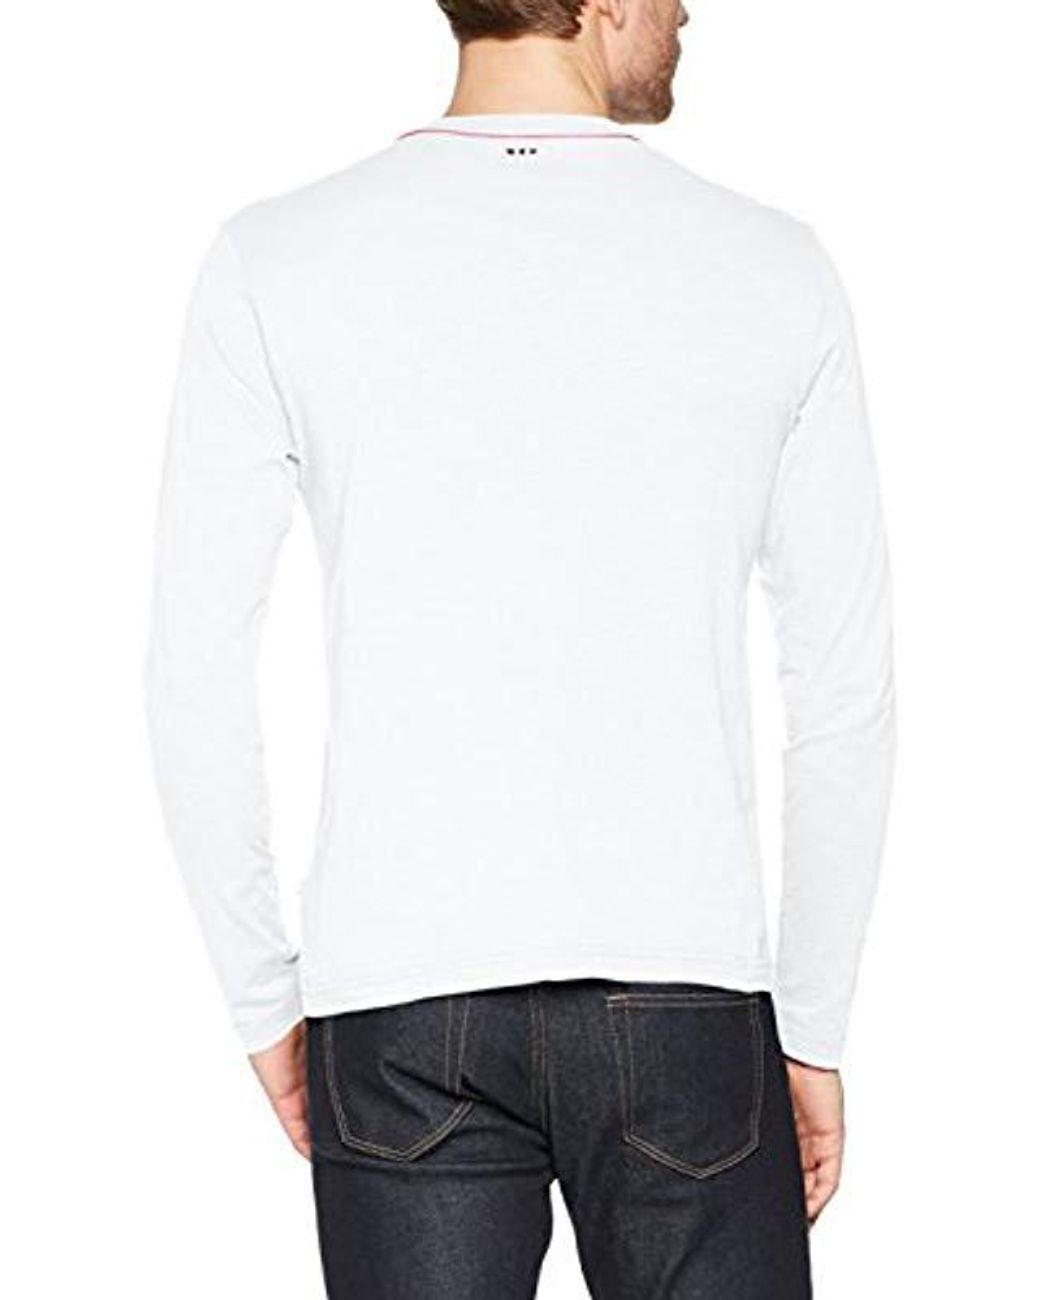 Pepe Jeans Janick T-Shirt Uomo